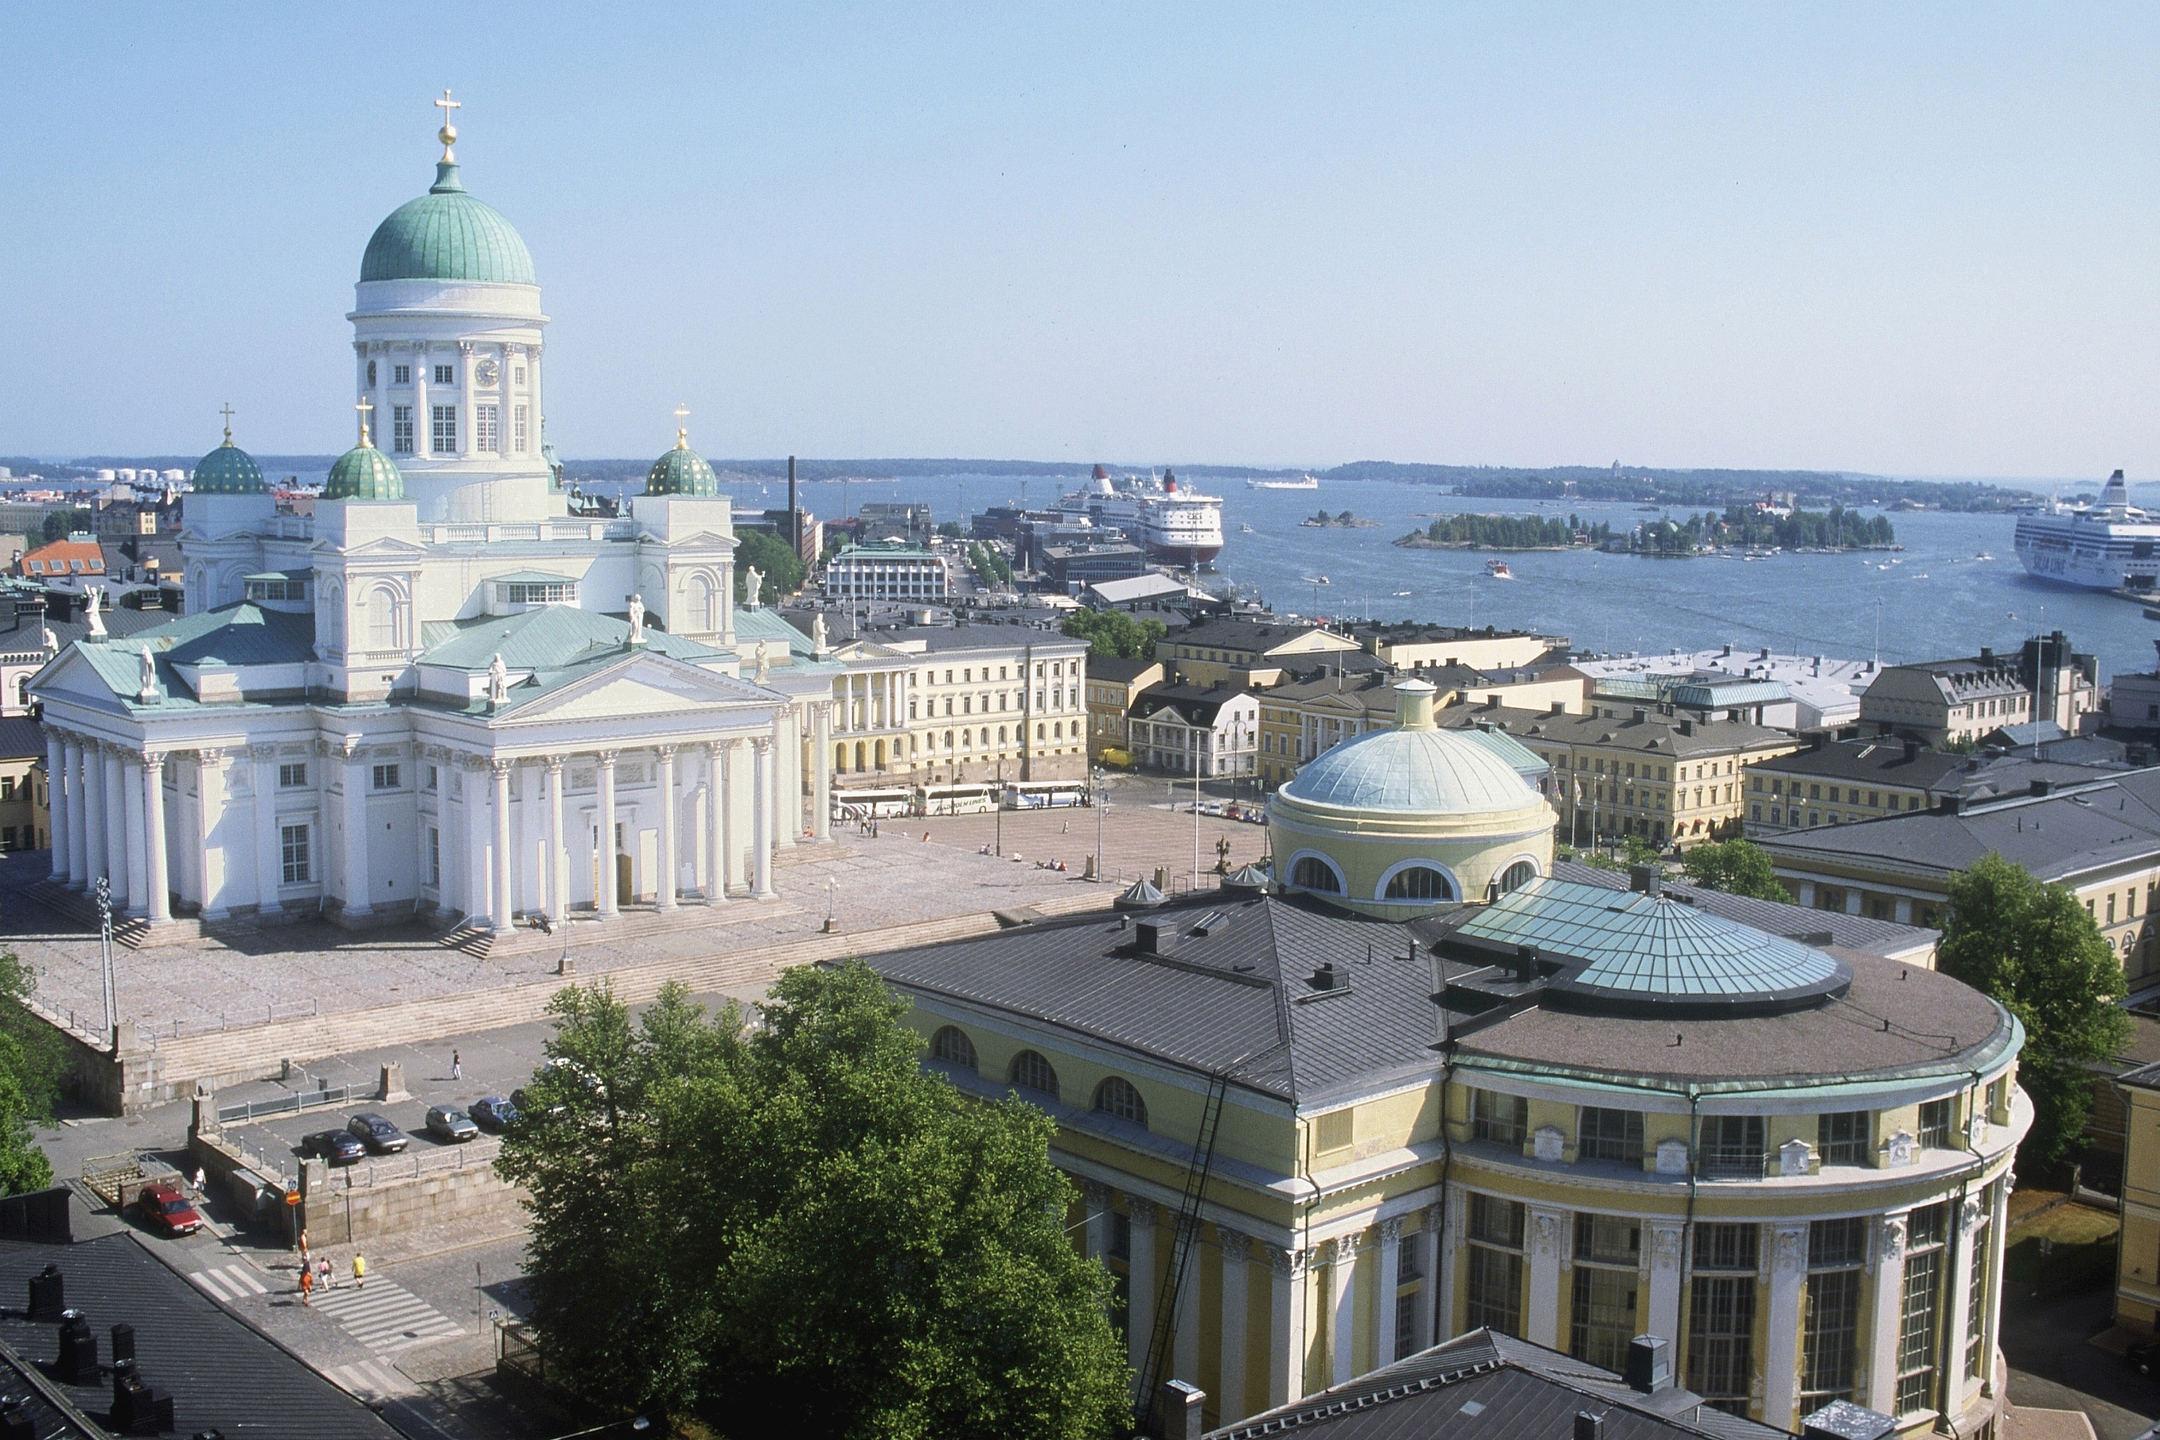 Helsinki (Finlande)